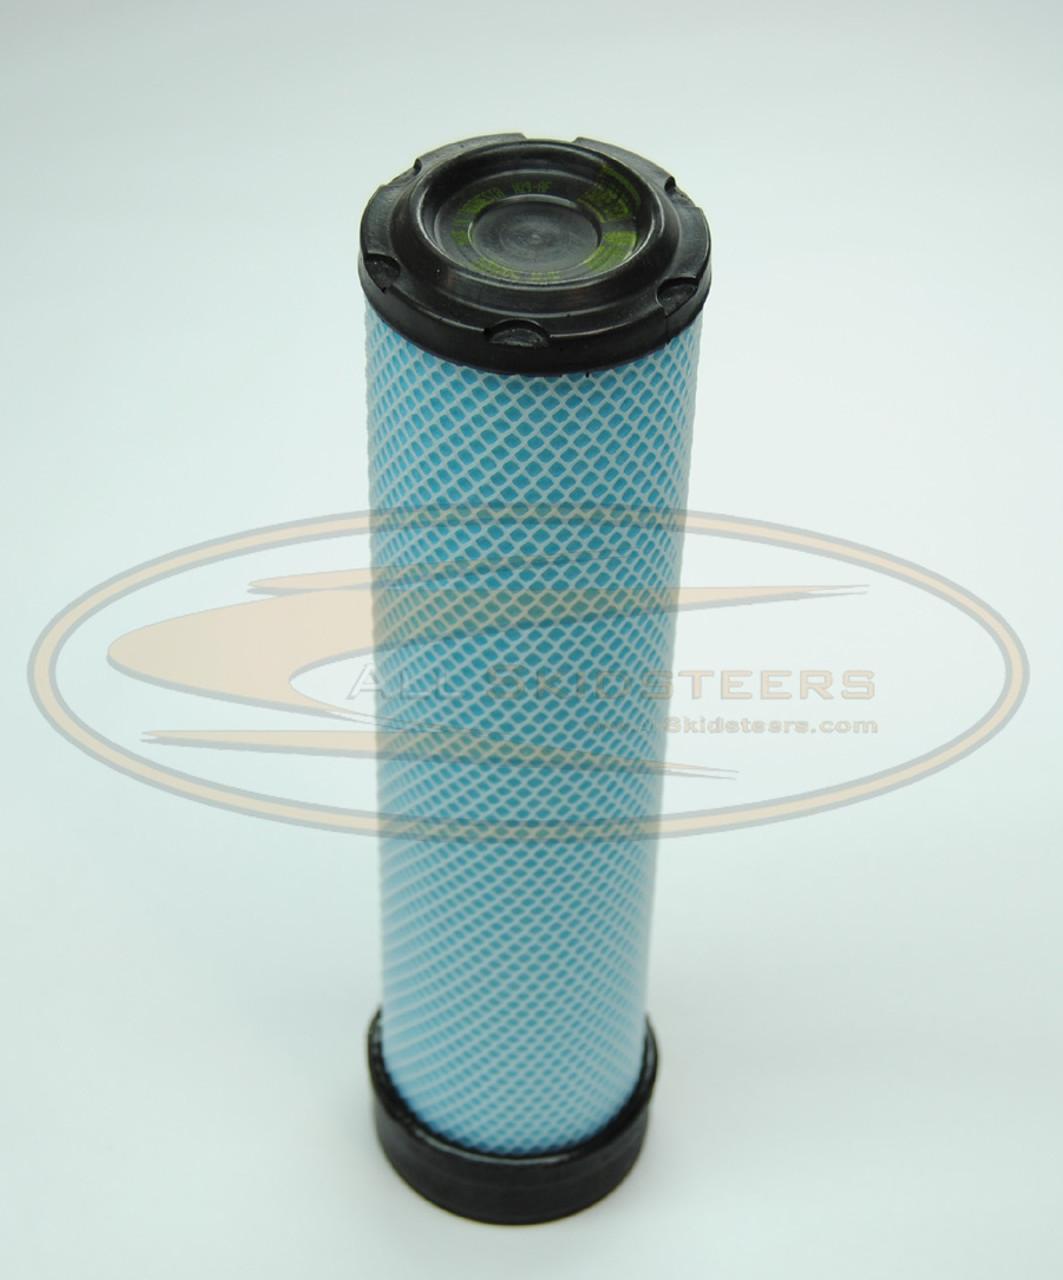 Inner Air Filter for Mustang Skid Steer 2070 │ 42035886